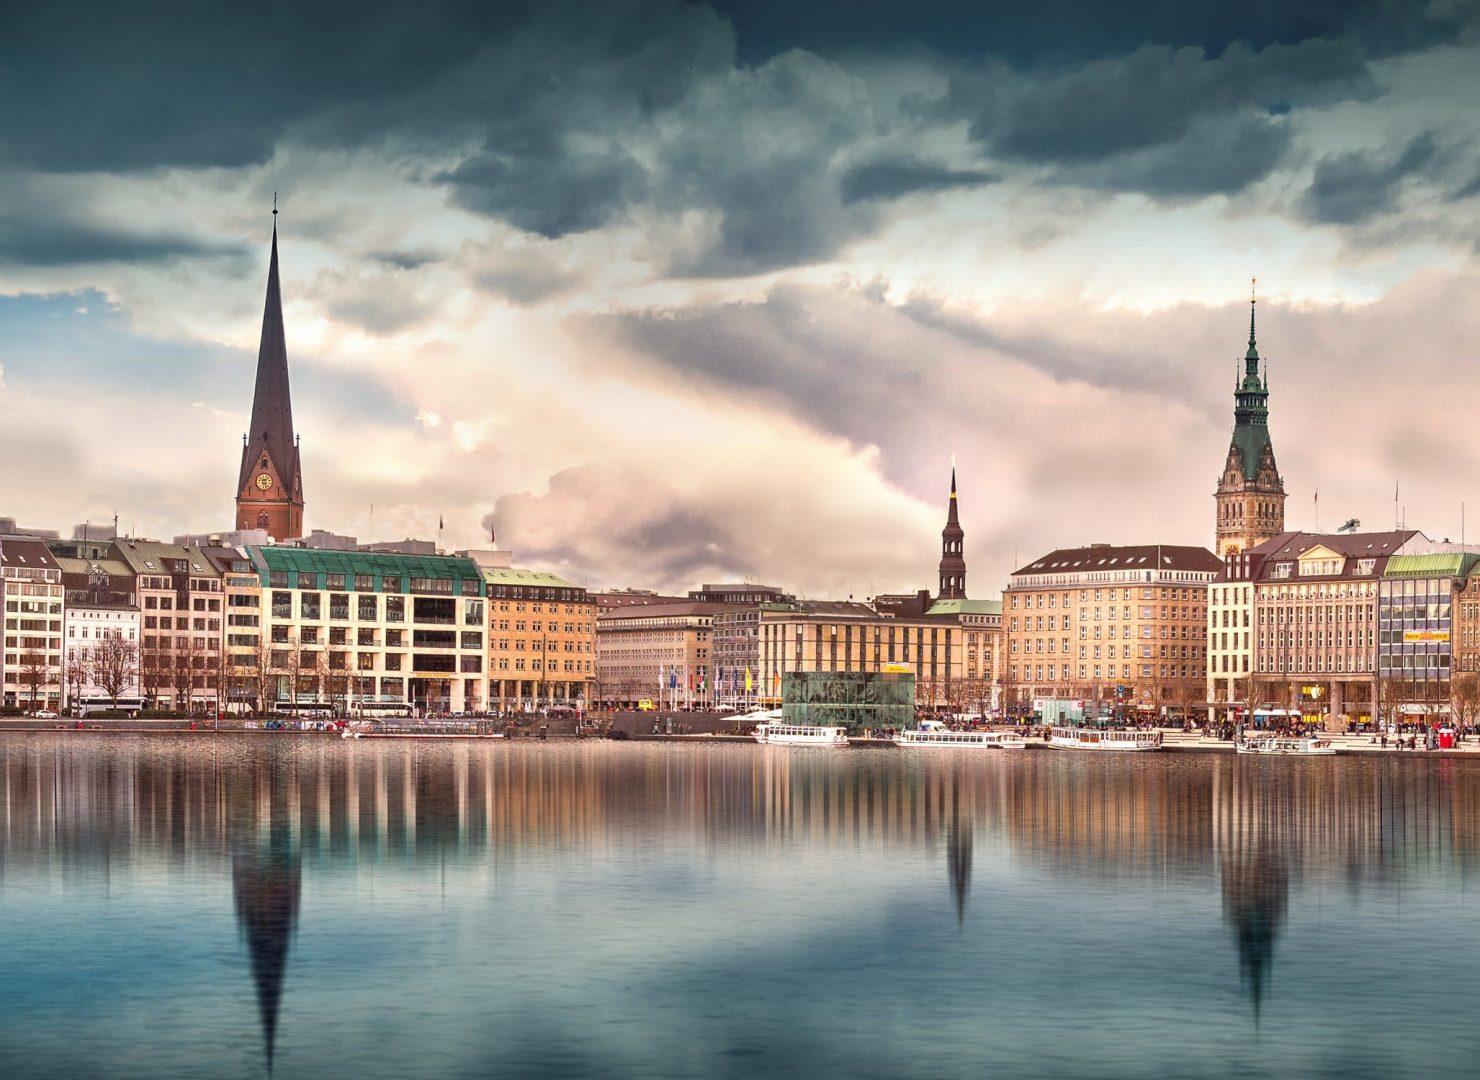 Ein Bild von der Binnenalster in Hamburg mit dem Hotel Vier Jahreszeiten